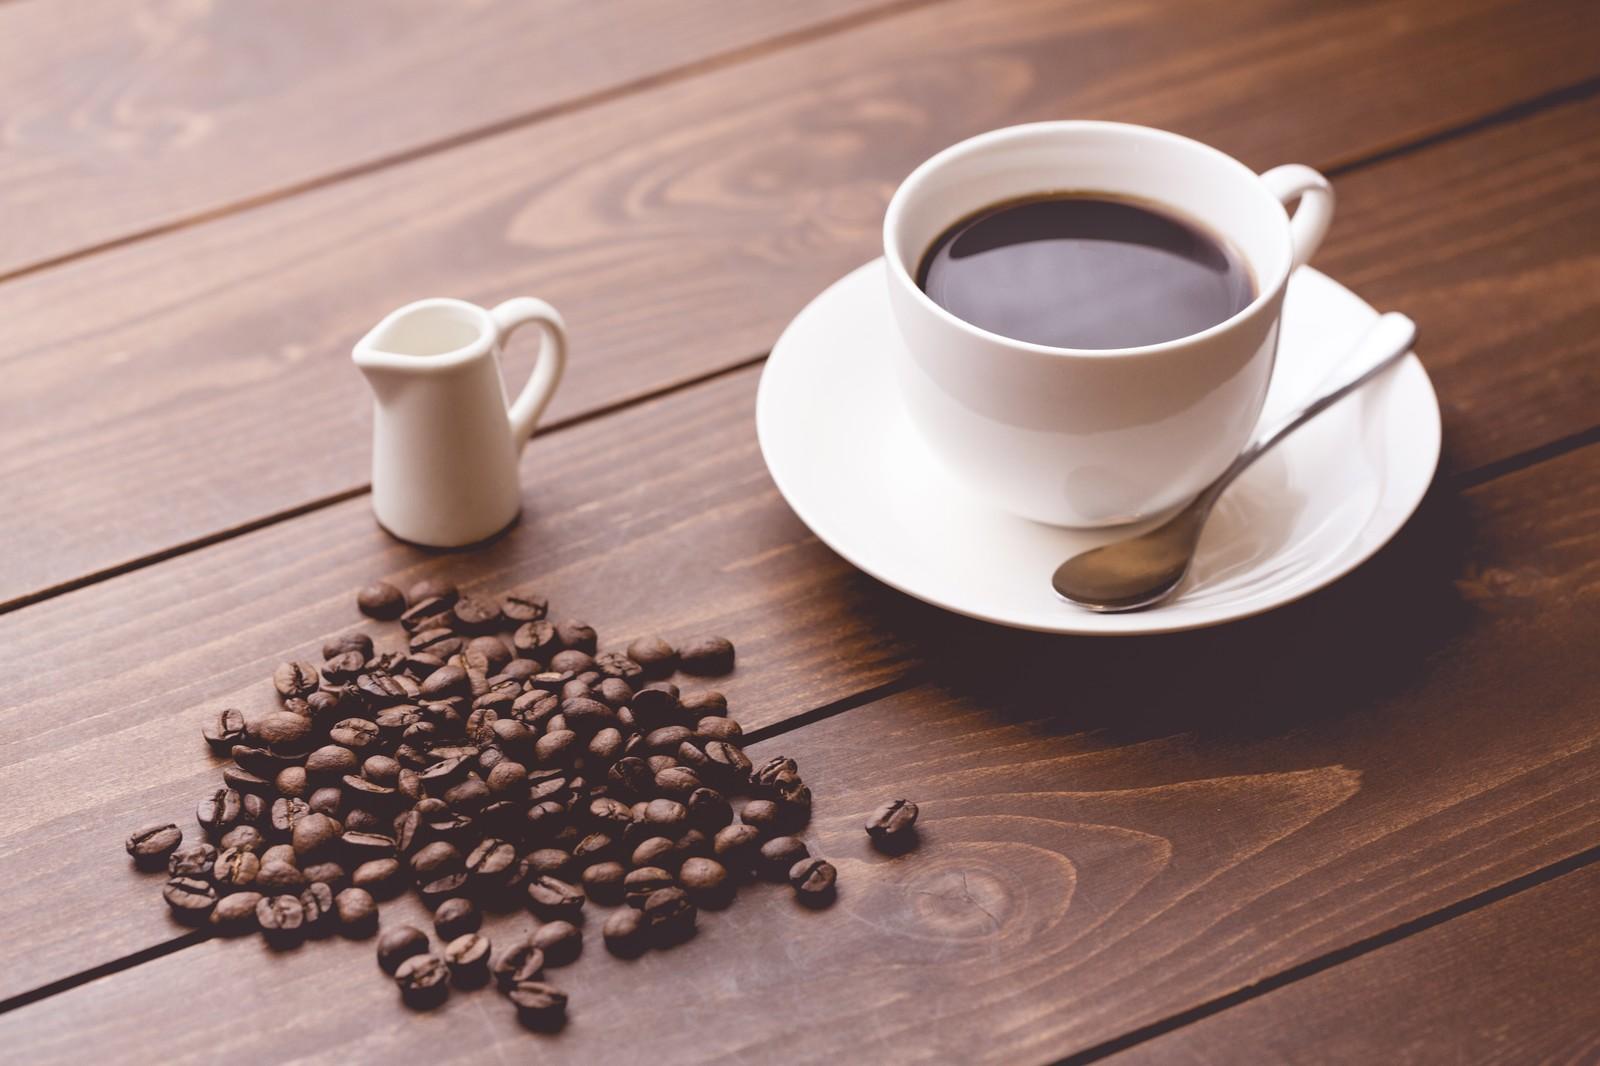 コーヒー生豆の脱穀プロセスのスマトラ式精製処理方法とは【熊本珈琲研究所わたる】